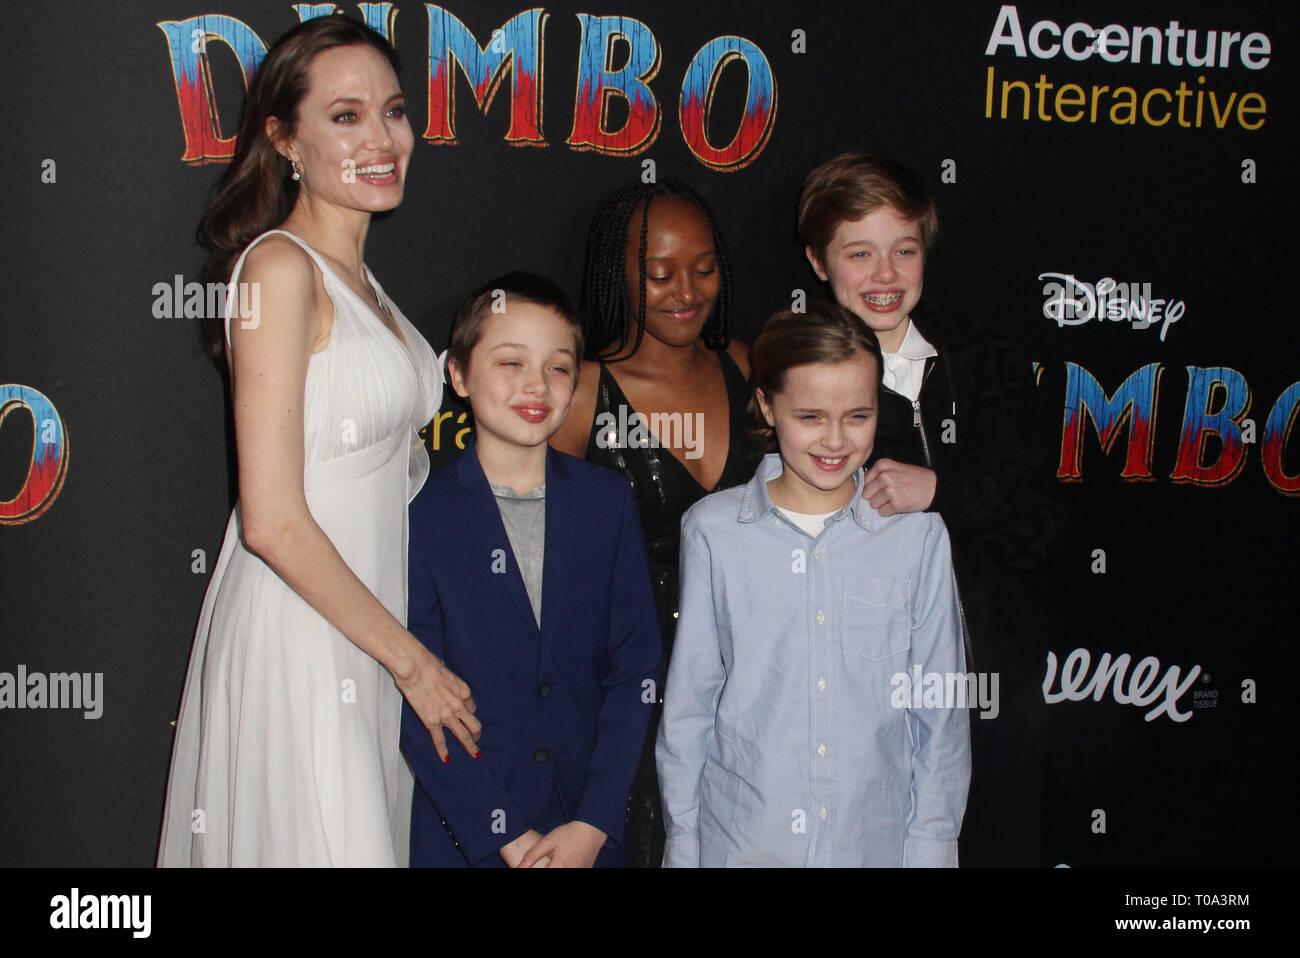 Shiloh Jolie Pitt And Angelina Jolie Stock Photos & Shiloh ...